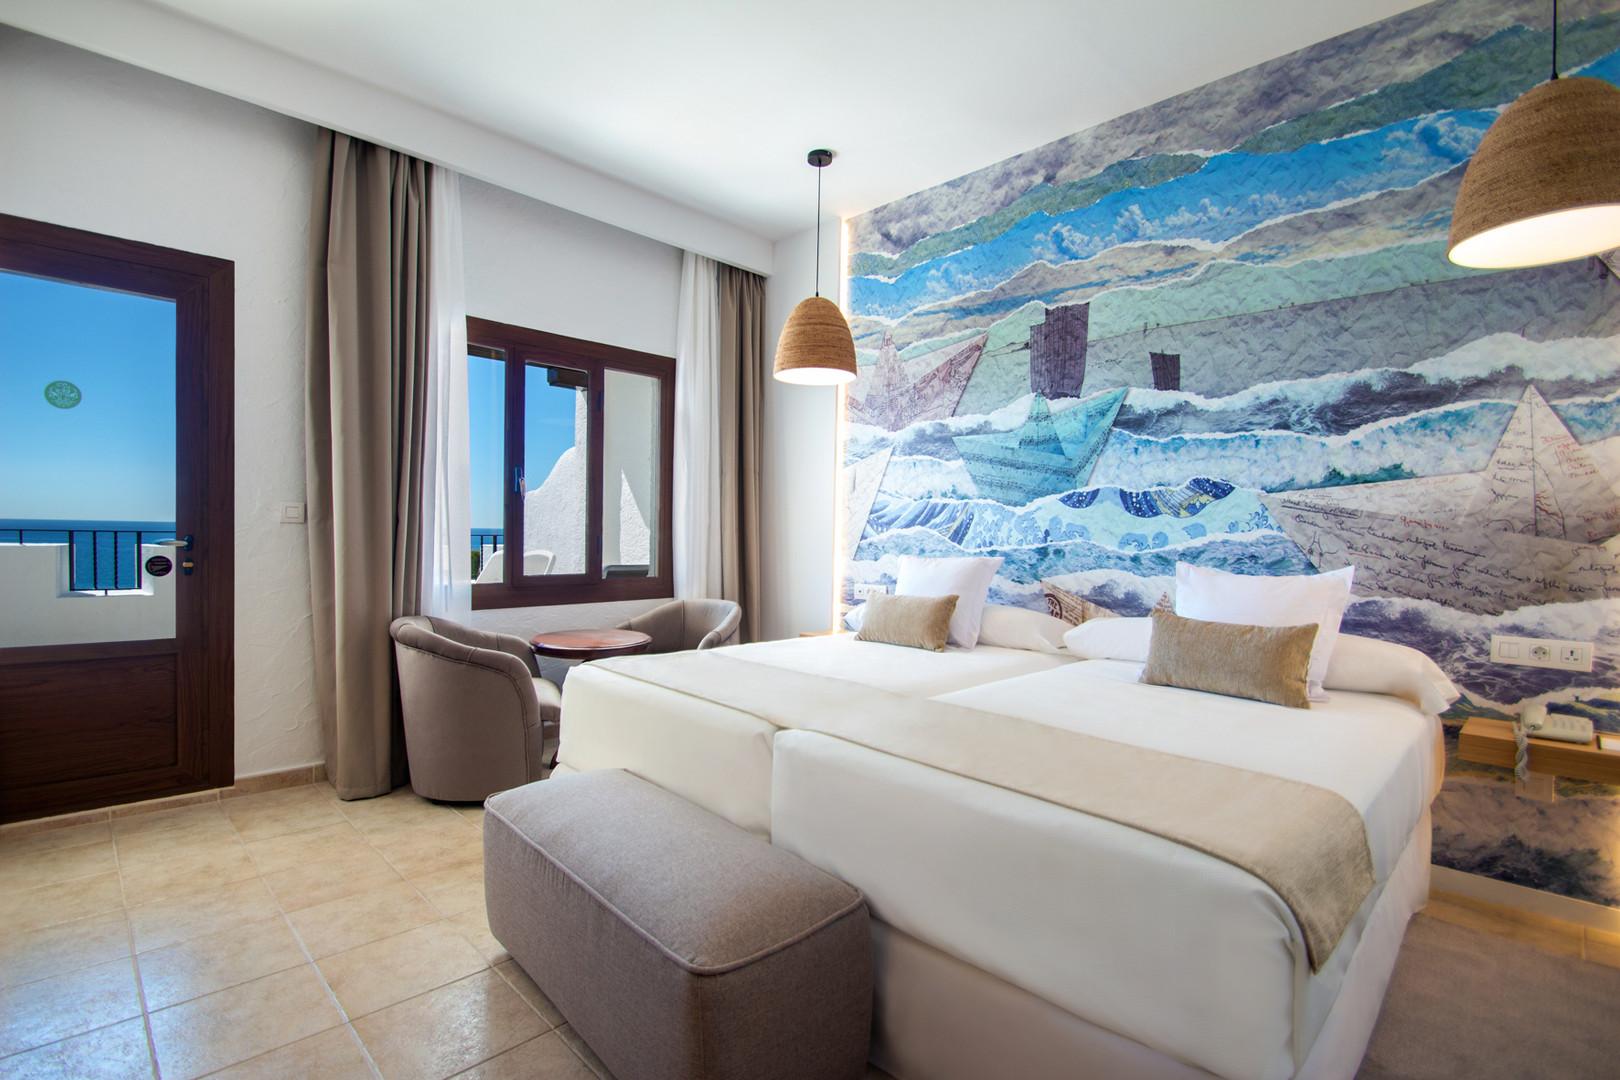 Chambre double de l'hôtel Montiboli - Tweepersoonskamer in het Hotel Montiboli